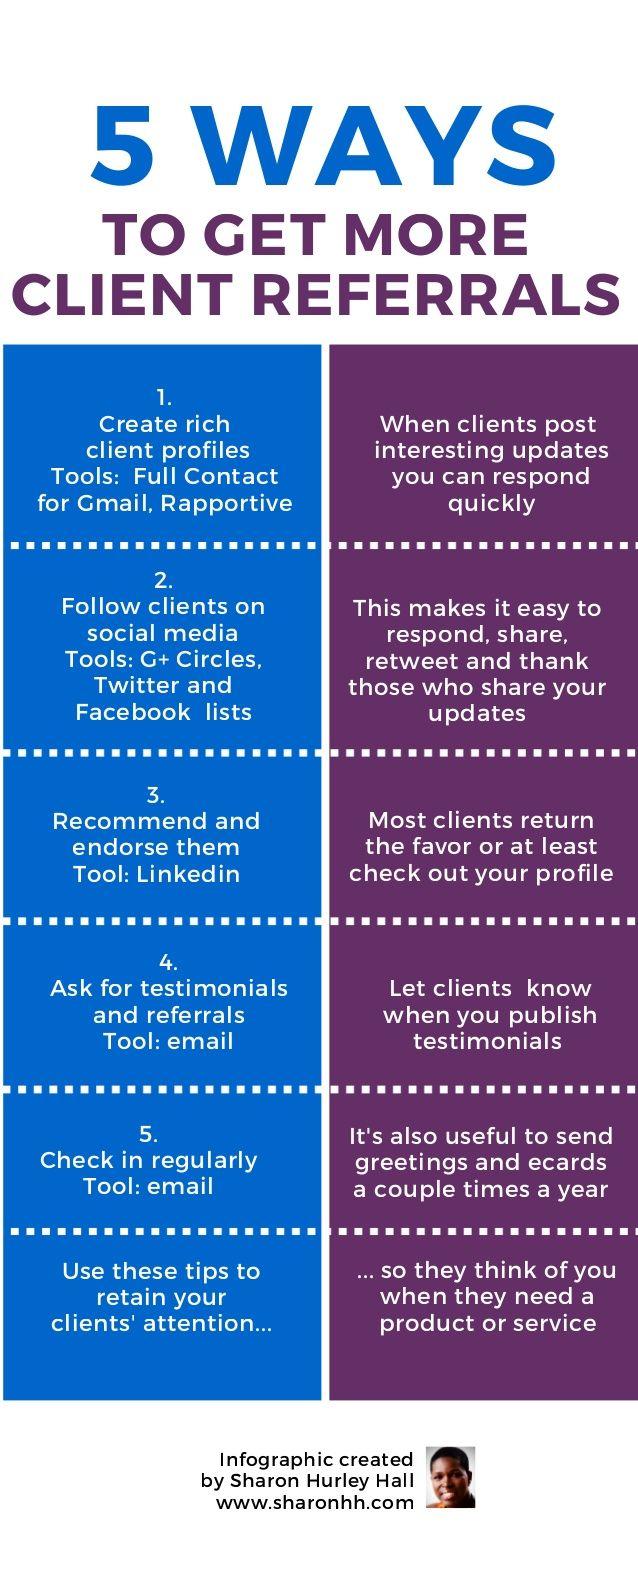 5 maneras de conseguir más referencias de clientes #infografia #infographic #marketing | TICs y Formación